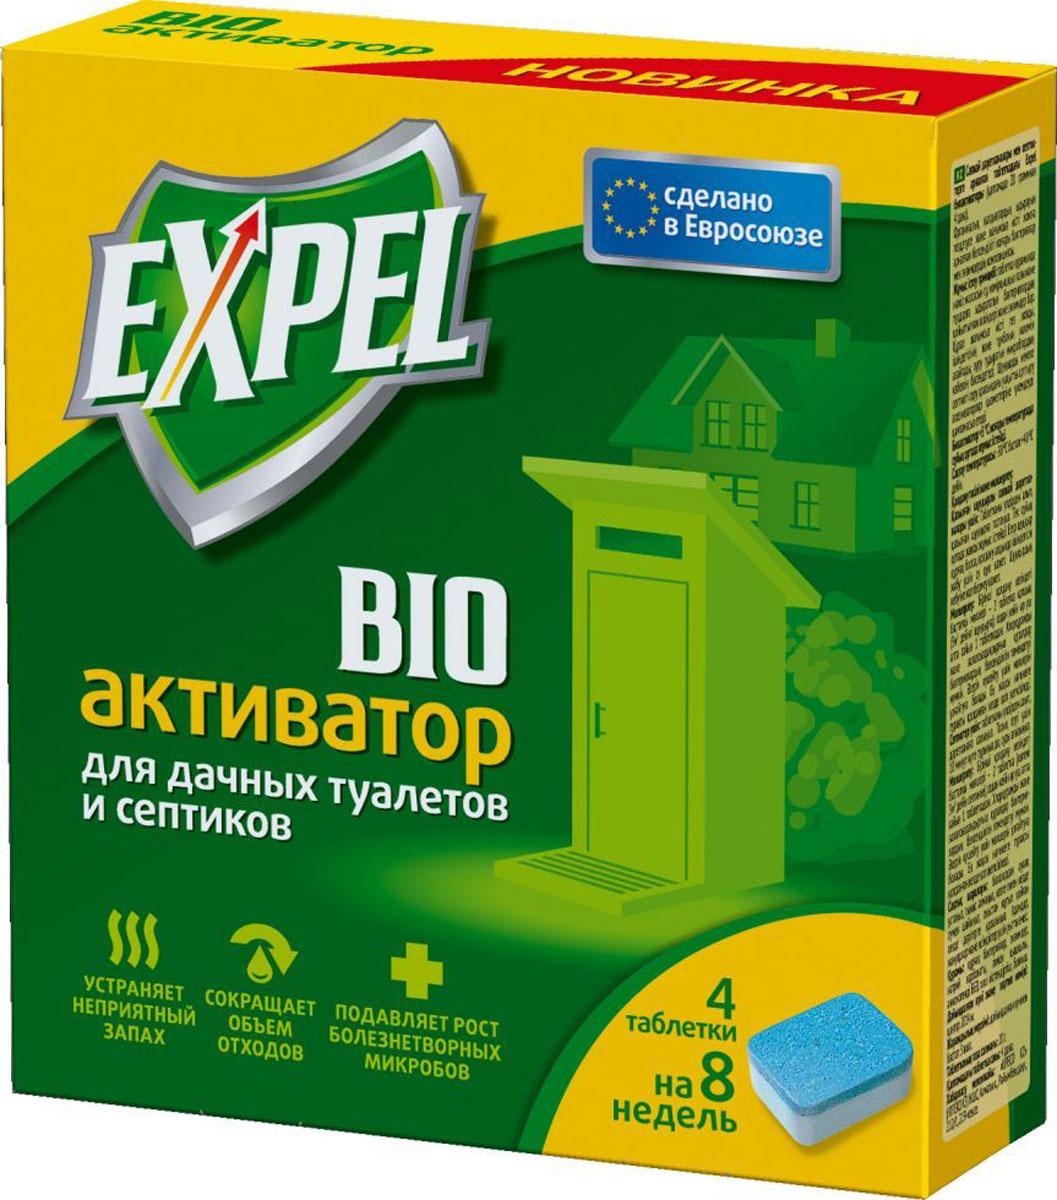 Биоактиватор Expel для дачных туалетов и септиков, 4 таблеткиTT0003Биоактиватор Expel содержит концентрированные культуры бактерий. Которые разлагают фекальные массы на воду, углекислый газ и соли. Средство устраняет неприятный запах, уменьшает объем содержимого и осадка, подавляет рост болезнетворных микробов. Увеличение интервалов между откачками ямы или септика обеспечивает экономию на услугах ассенизатозоров. Способ применения: Для дачных туалетов с выгребной ямой: извлечь таблетку из пленки и бросить в выгребную яму. Биоактиватор эффективно работает только в жидкой среде. Если яма обезвожена, необходимо добавить воды для покрытия содержимого. Не допускать высыхания ямы.Для септиков: извлечь таблетку из пленки и бросить в унитаз. Подождать 10 минут для полного растворения и спустить воду.Дозировка: стартовая доза при первом применении - 2 таблетки (на яму или септик до 3 м3), затем по 1 таблетке каждые 2 недели.Уважаемые клиенты! Обращаем ваше внимание на возможные изменения в дизайне упаковки. Качественные характеристики товара остаются неизменными. Поставка осуществляется в зависимости от наличия на складе.